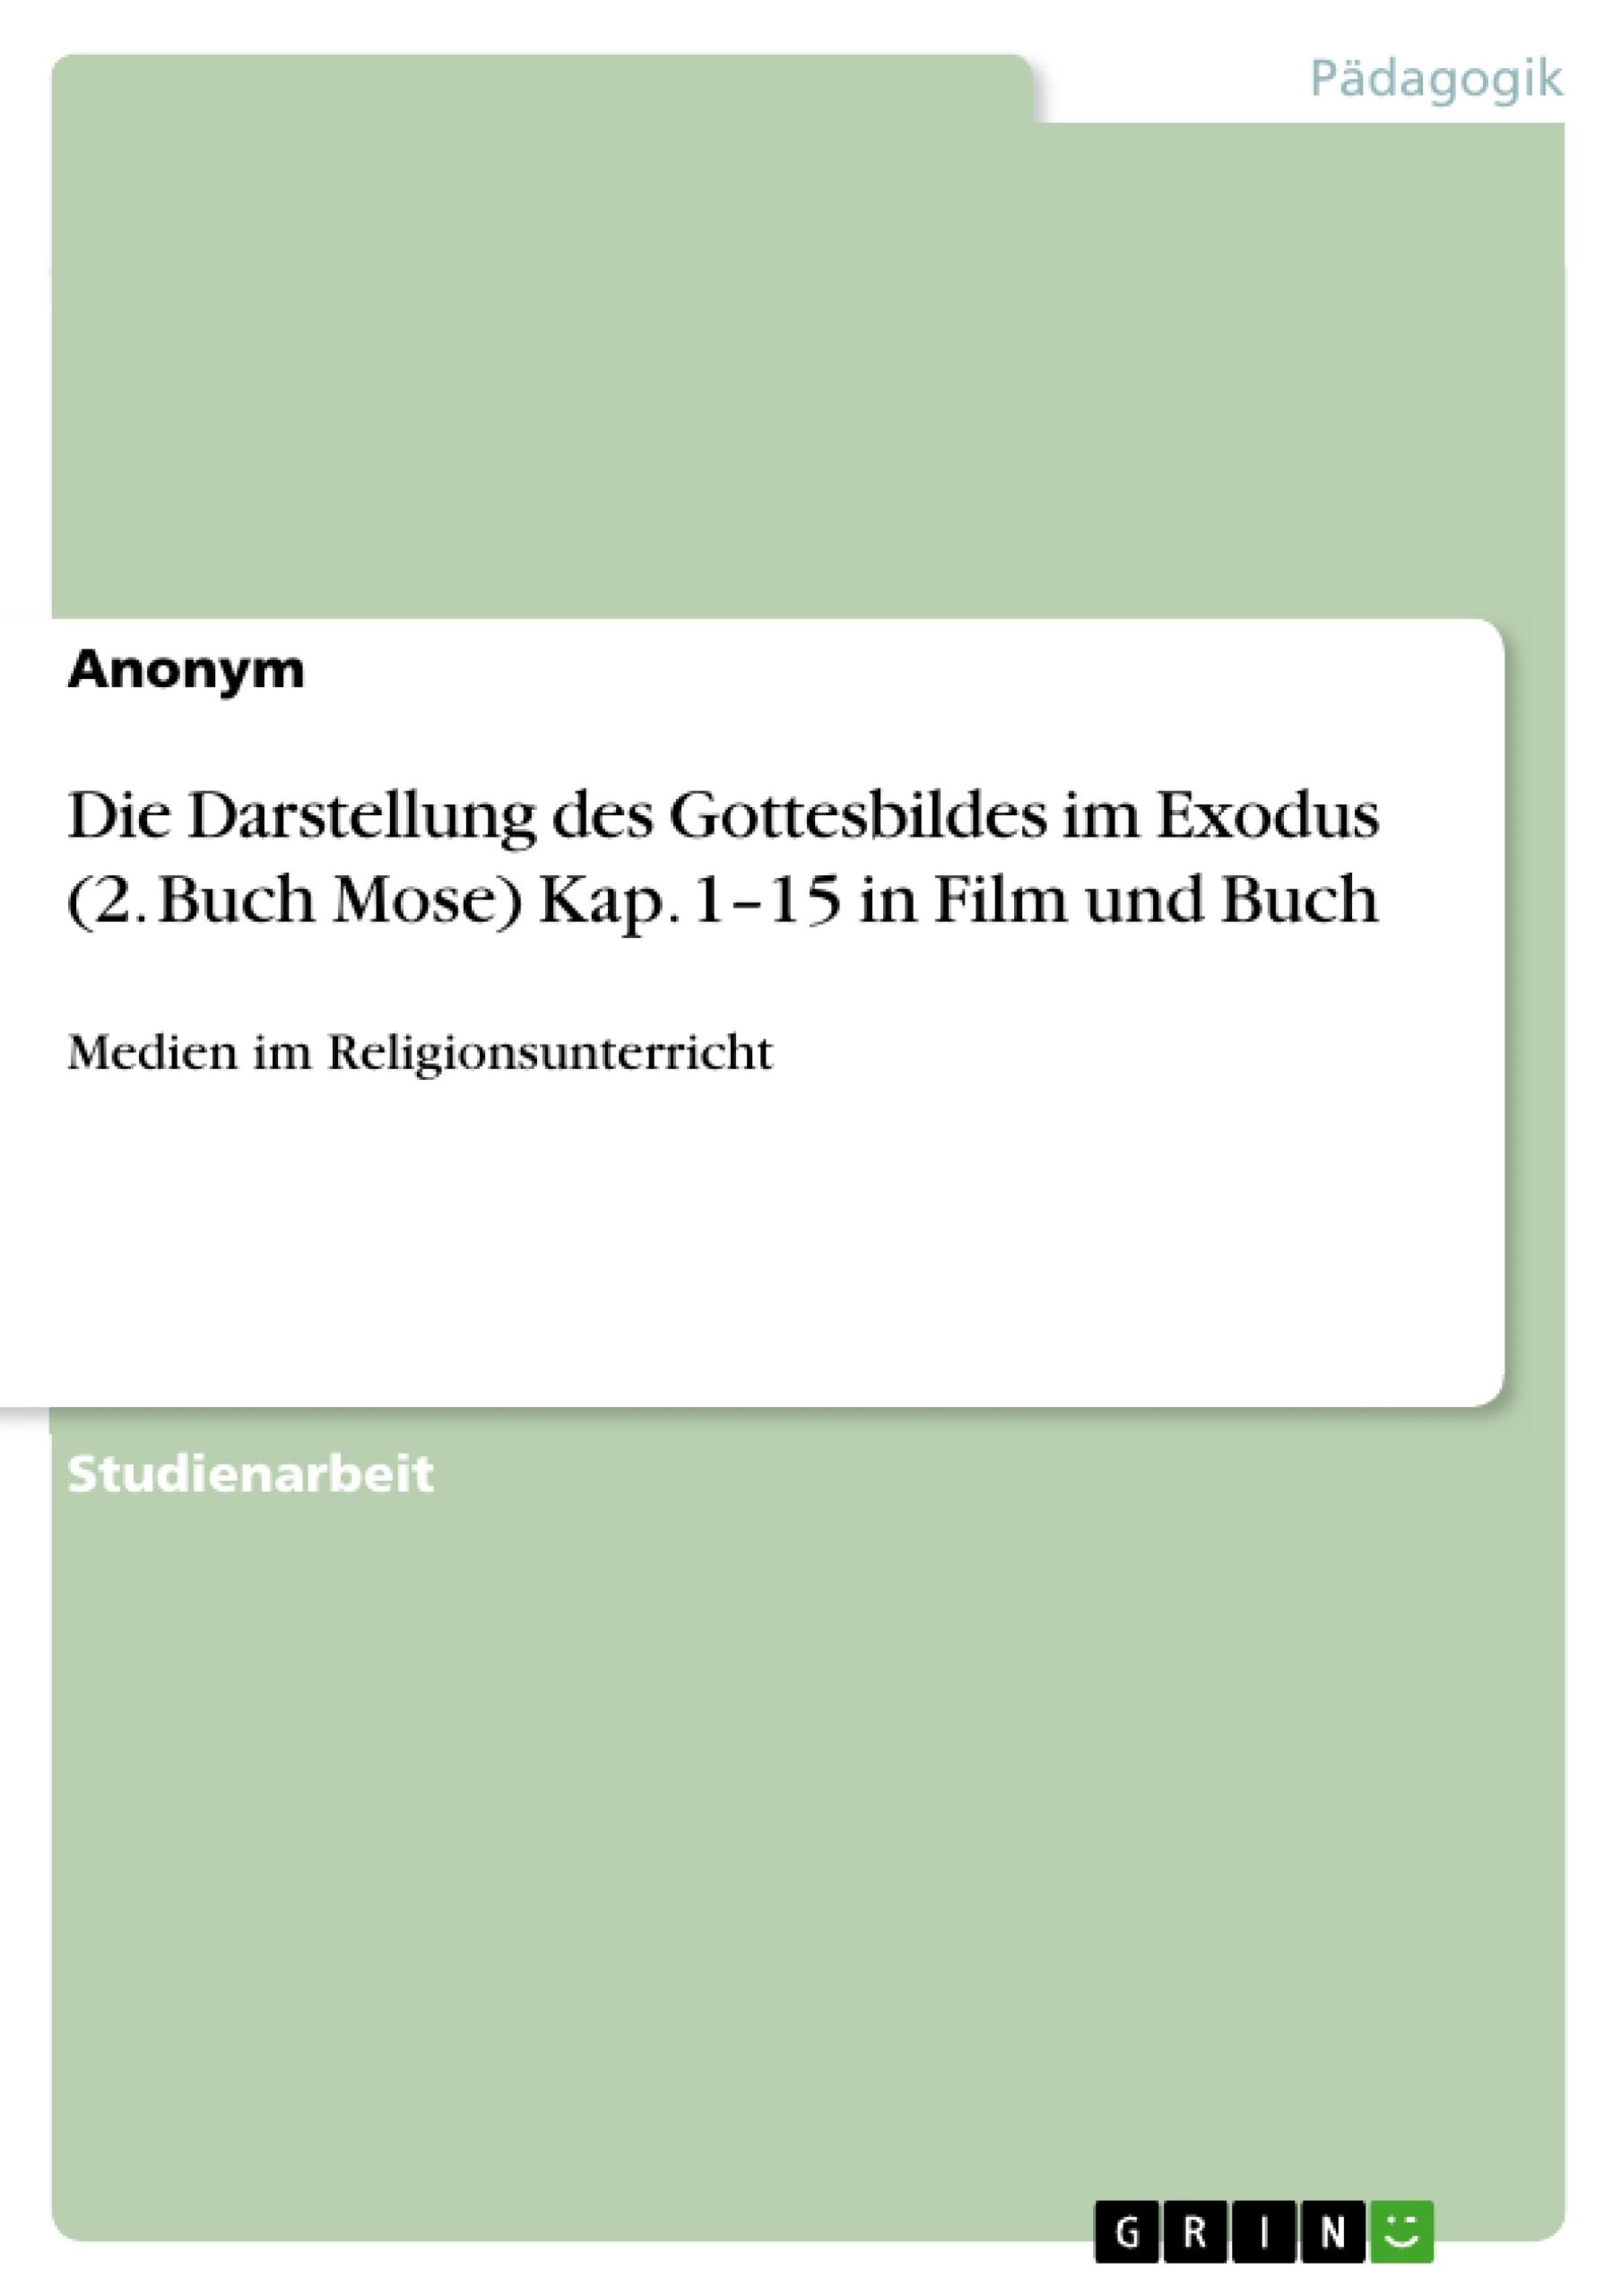 Titel: Die Darstellung des Gottesbildes im Exodus (2. Buch Mose) Kap. 1–15 in Film und Buch